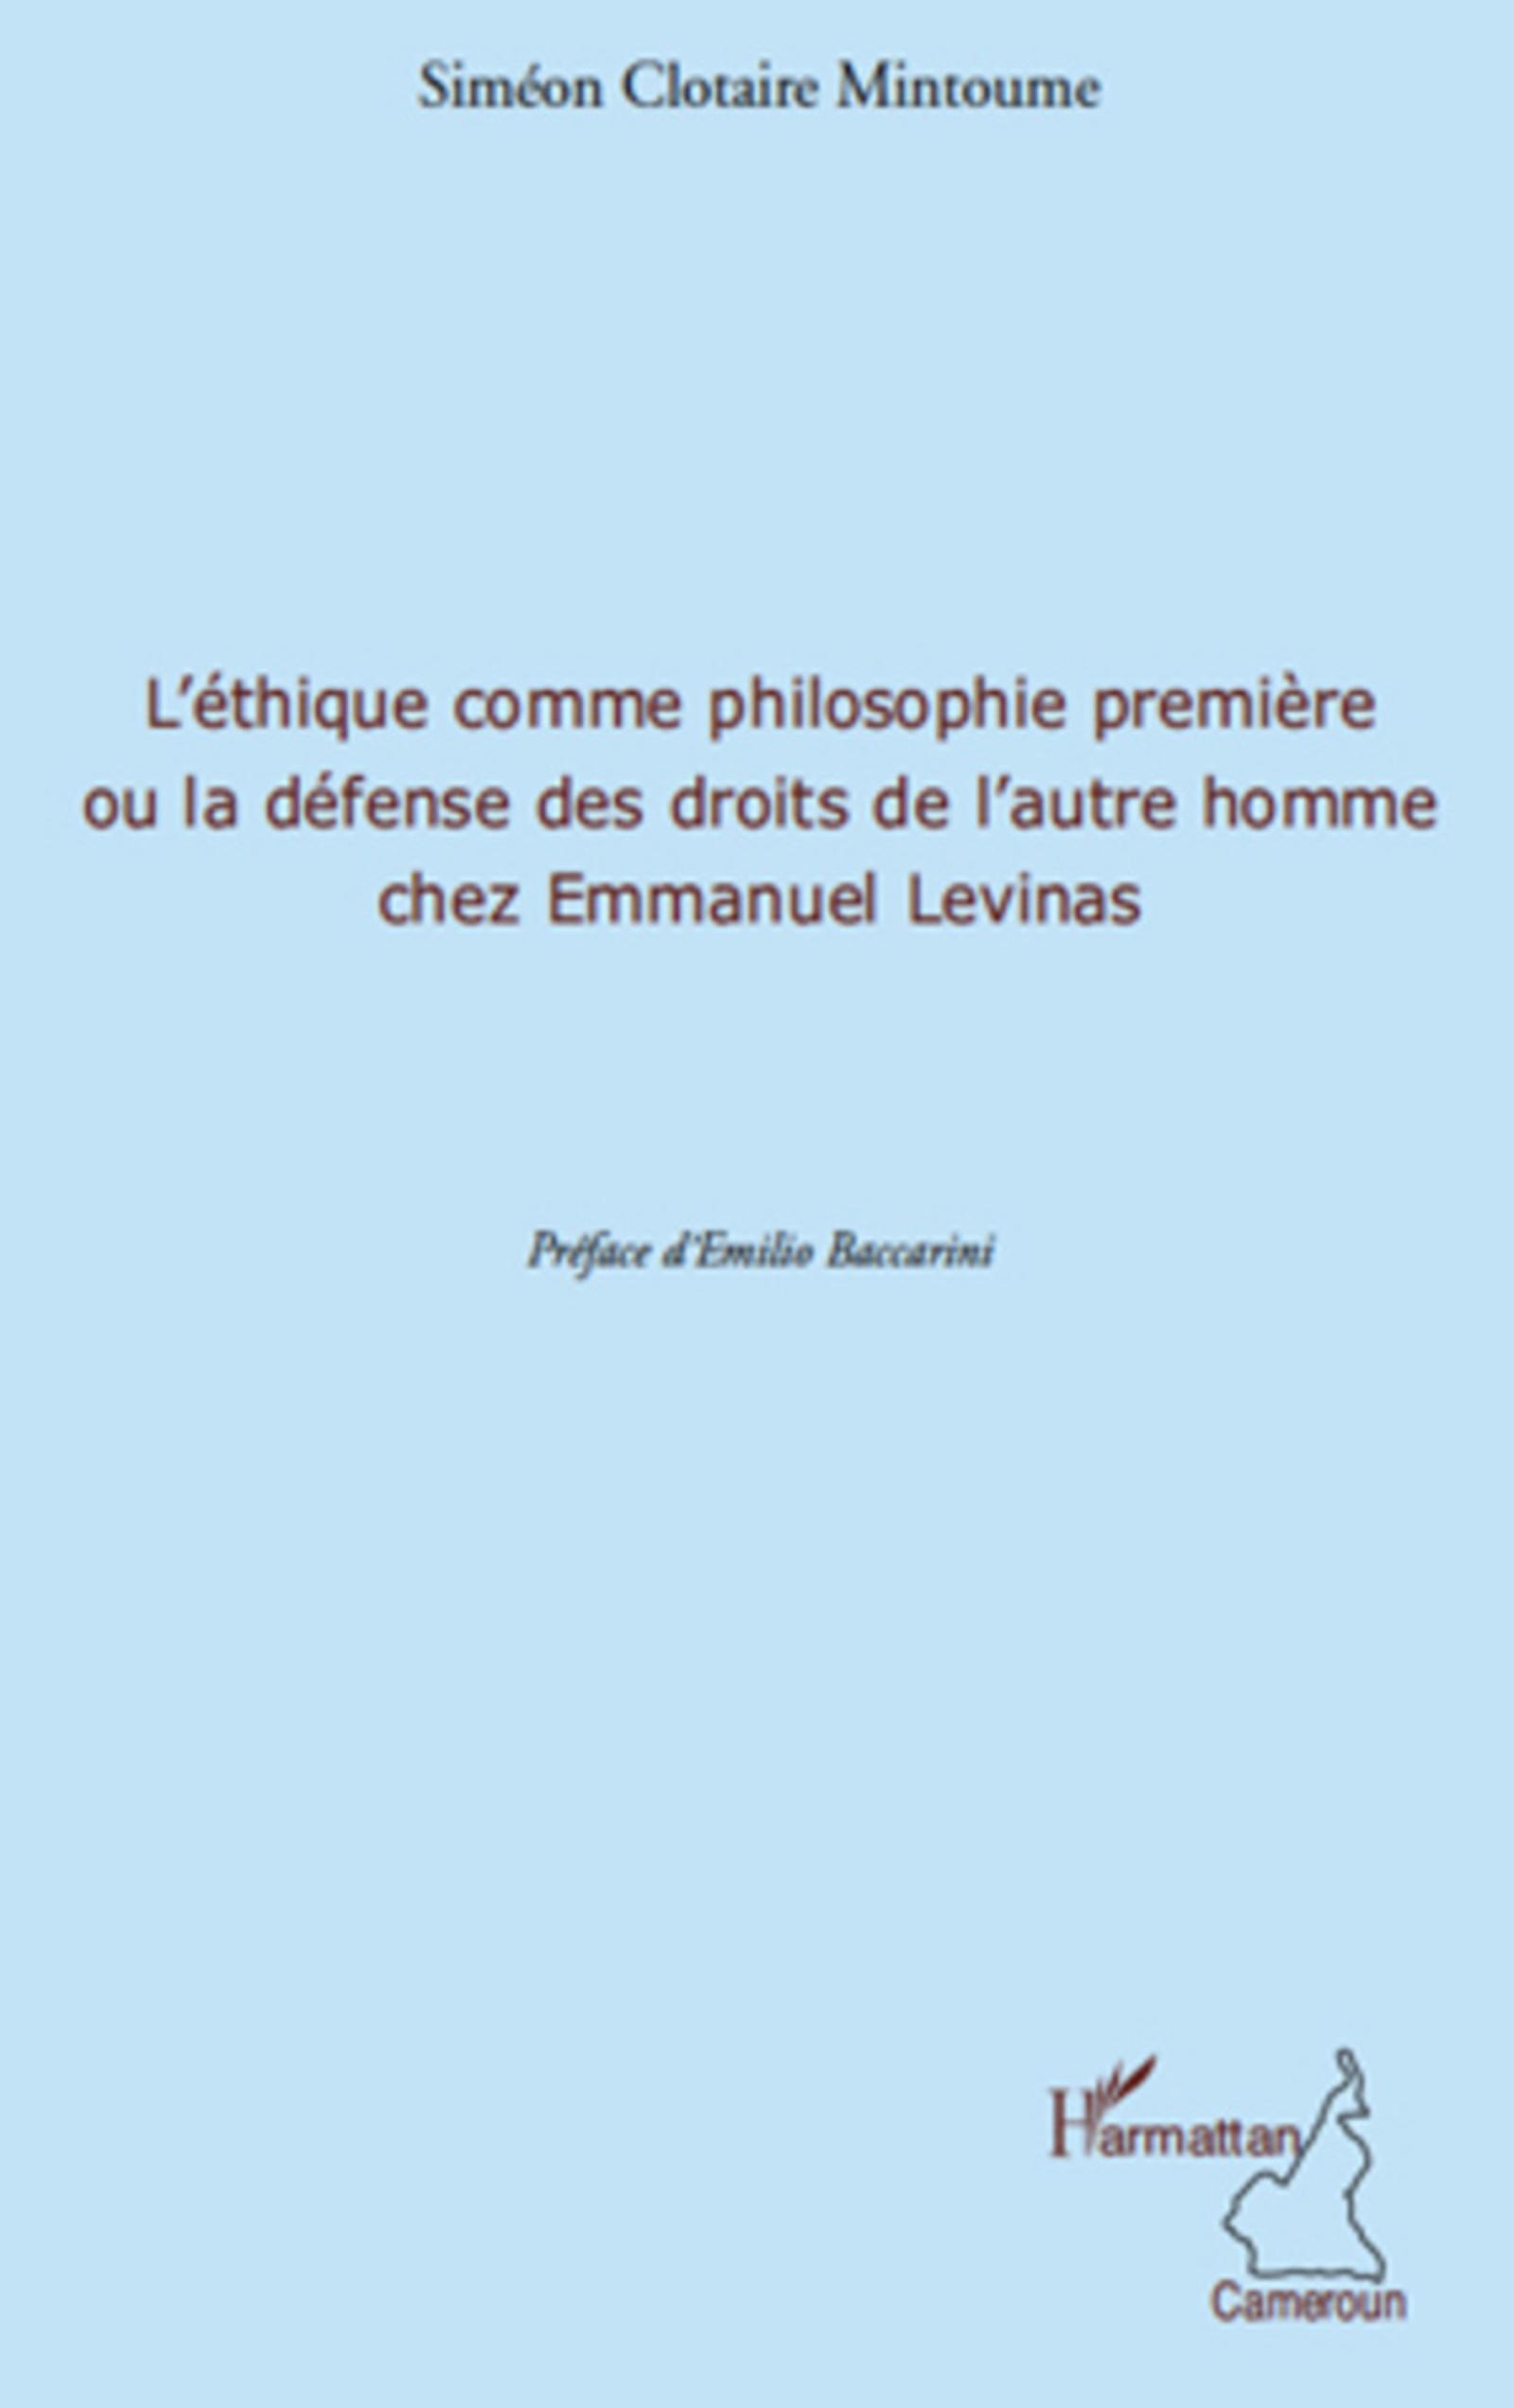 L'éthique comme philosophie première ou la défense des droits de l'autre homme chez Emmanuel Levinas